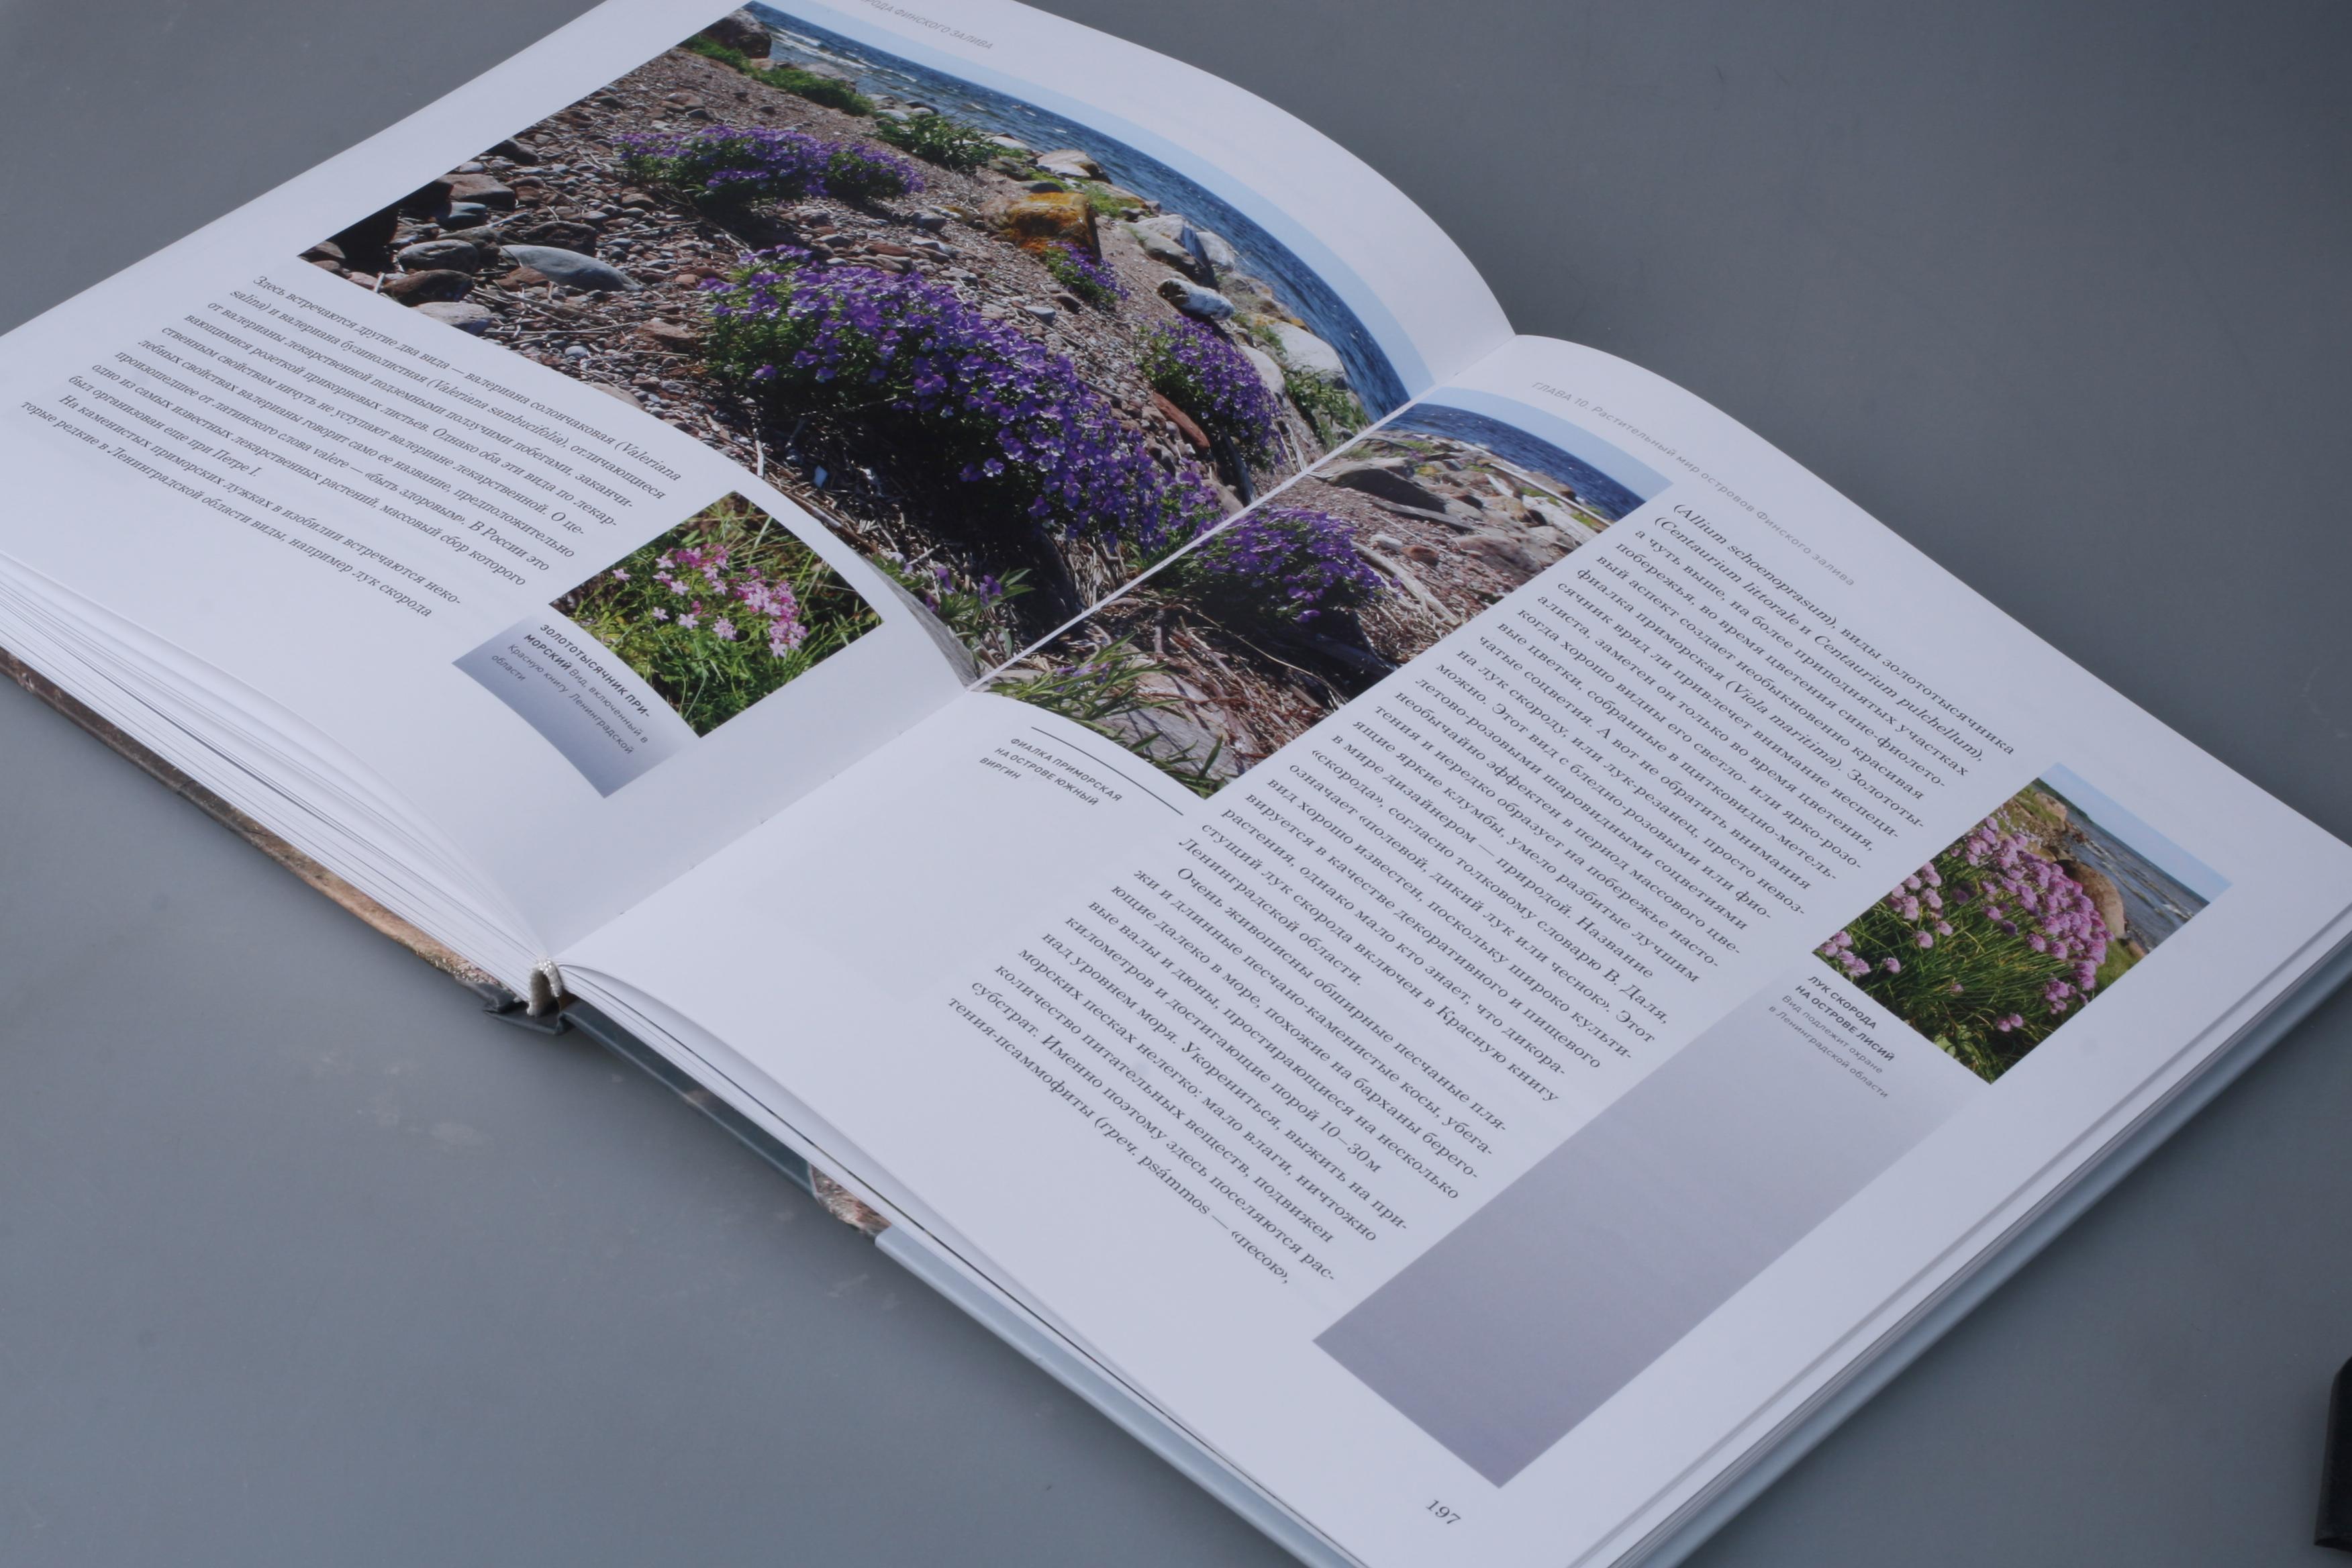 """книга """"Финский залив. Акватория гармонии"""". Верстка, дизайн"""